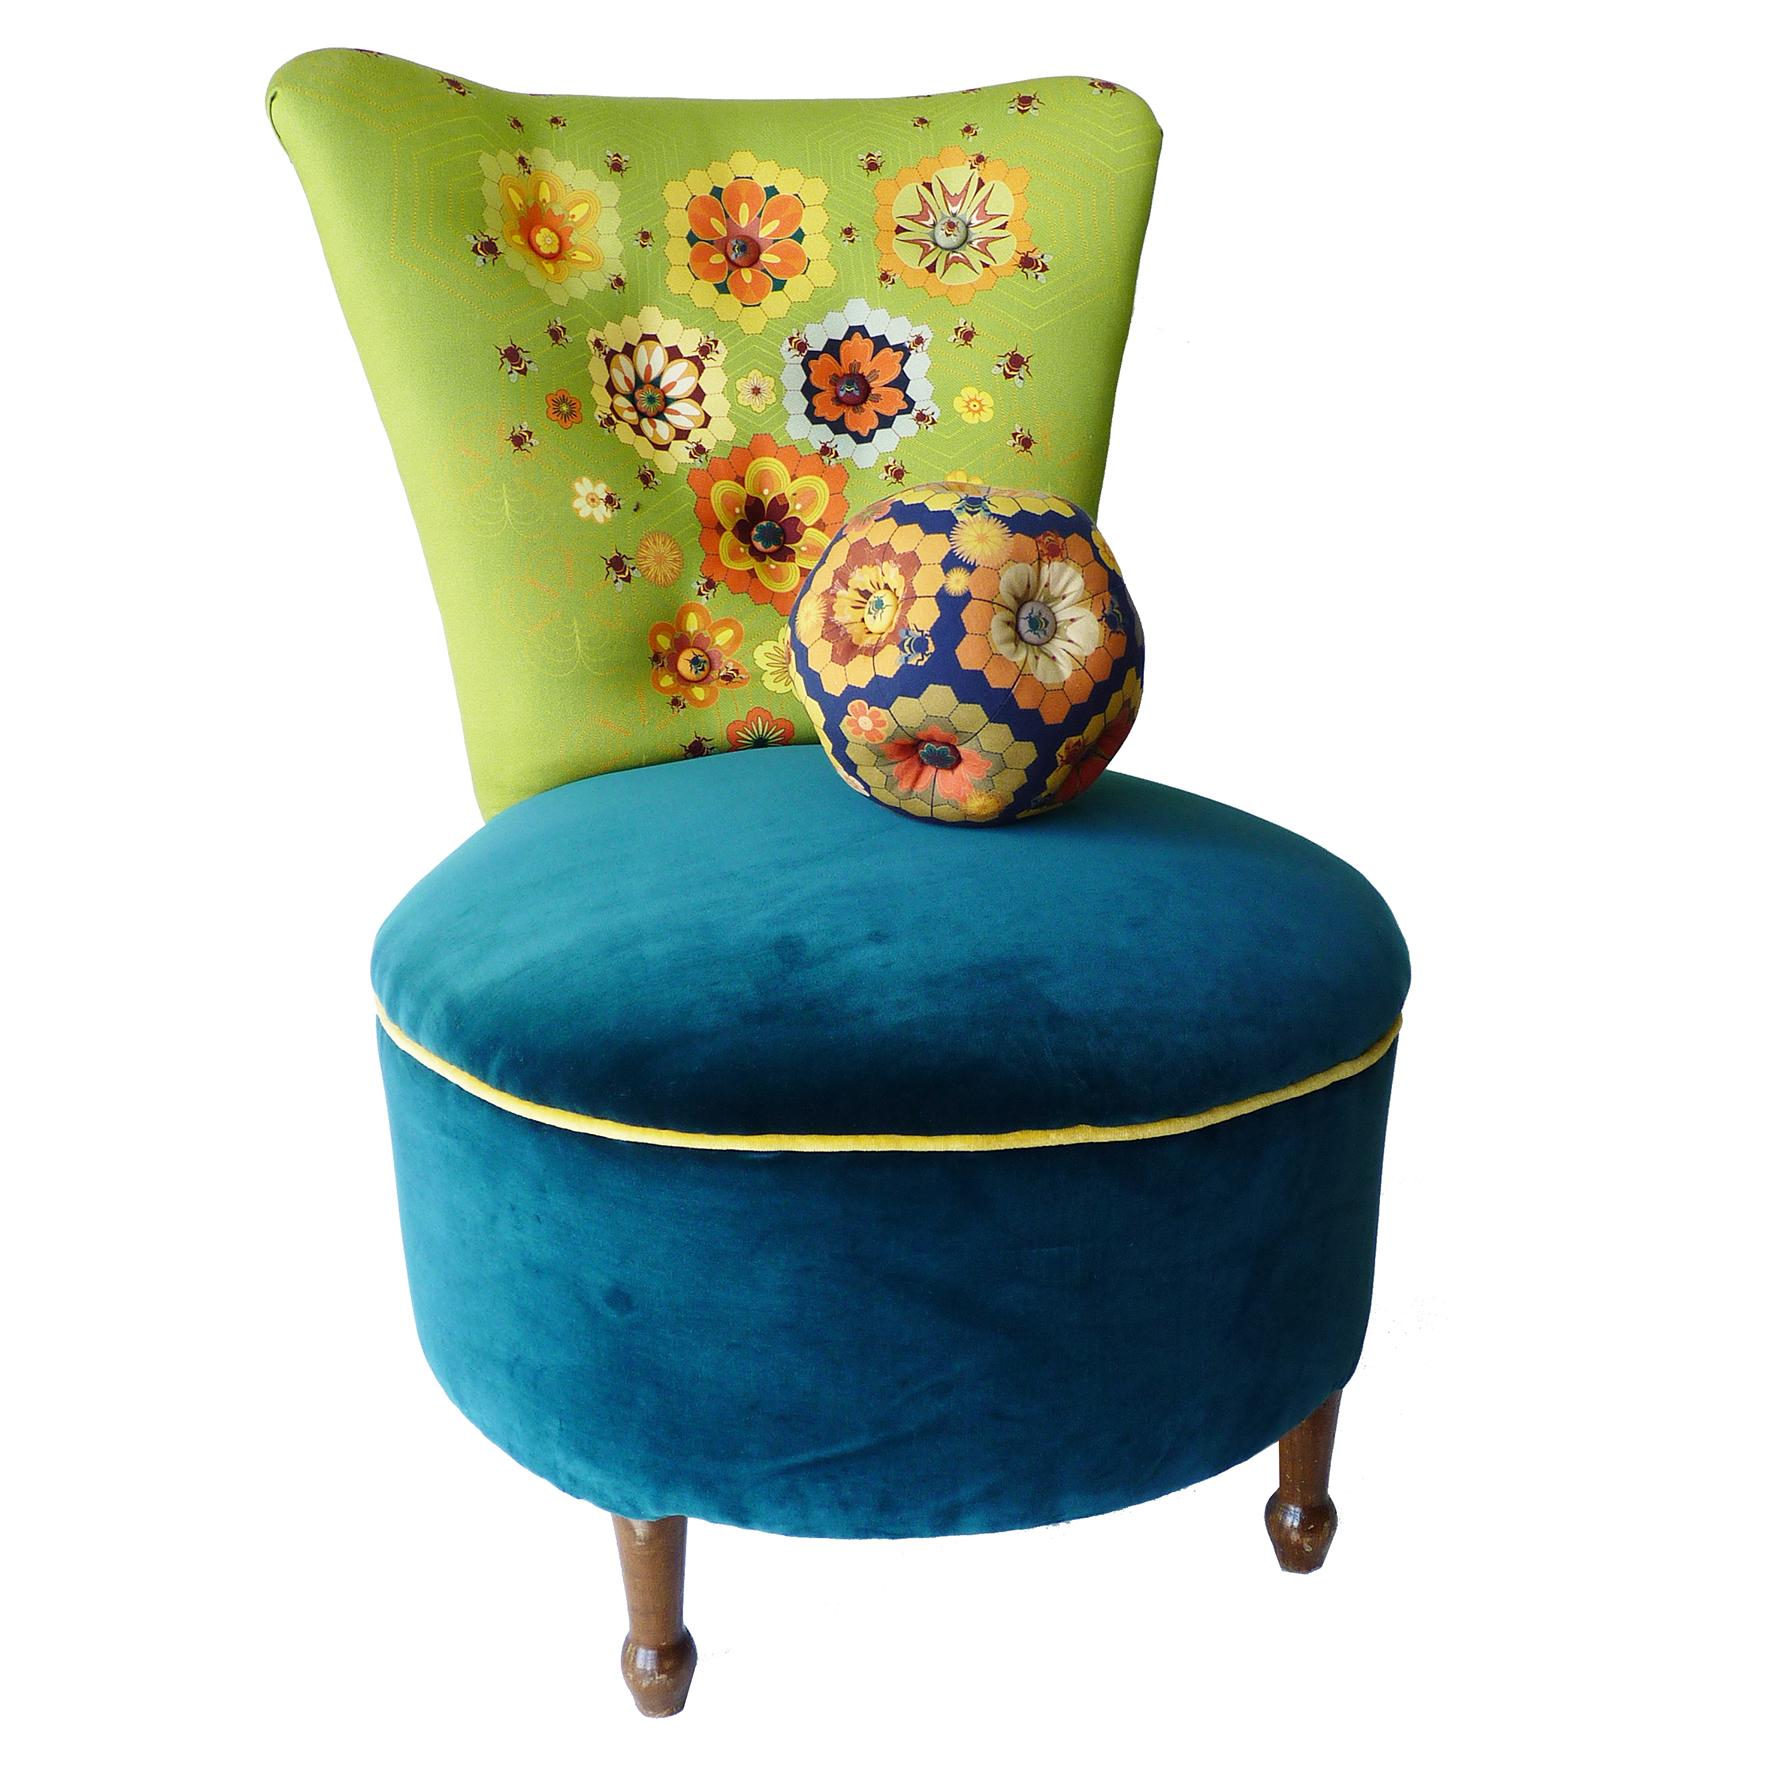 Katie Wallis Print queen bee chair 2.jpg